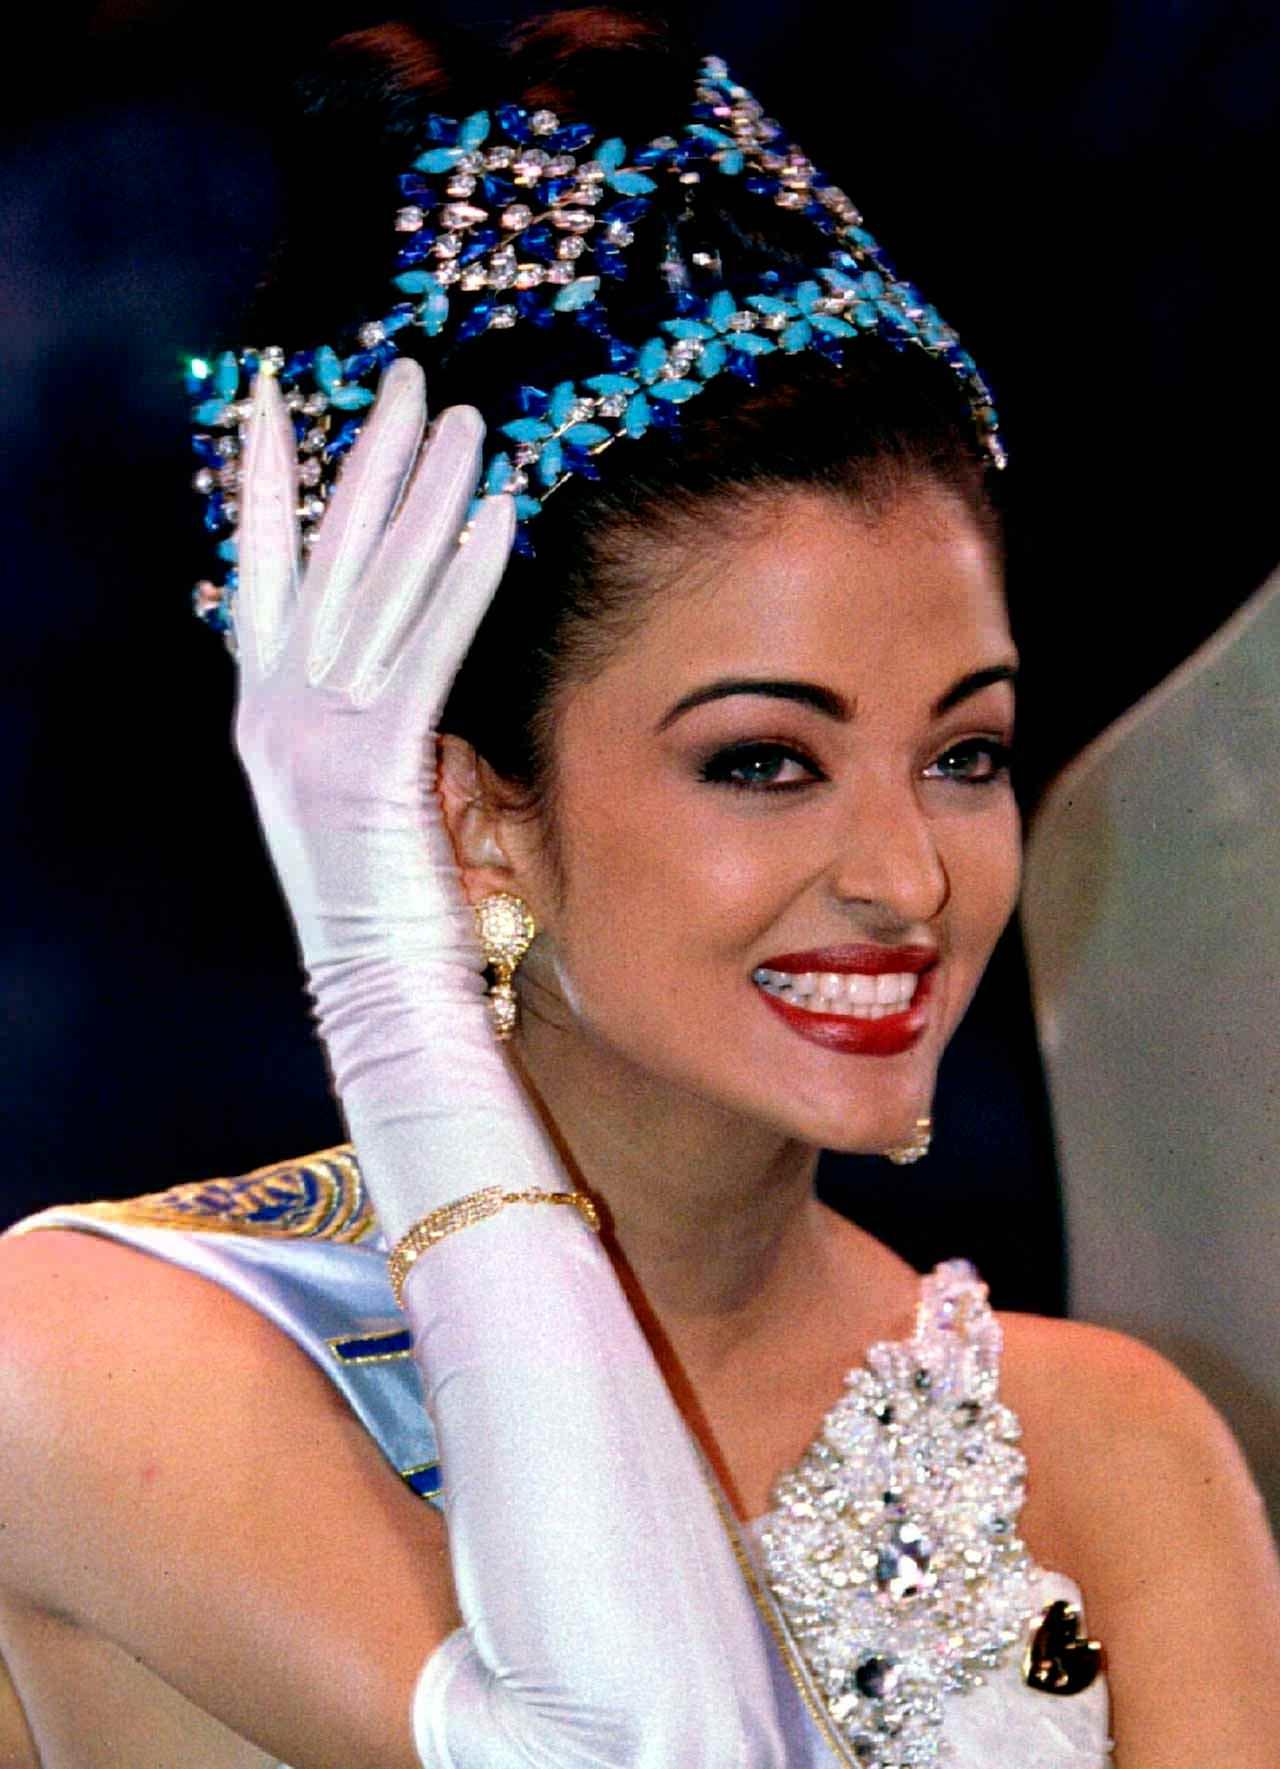 Фото | Мисс Мира 1994 года Айшвария Рай